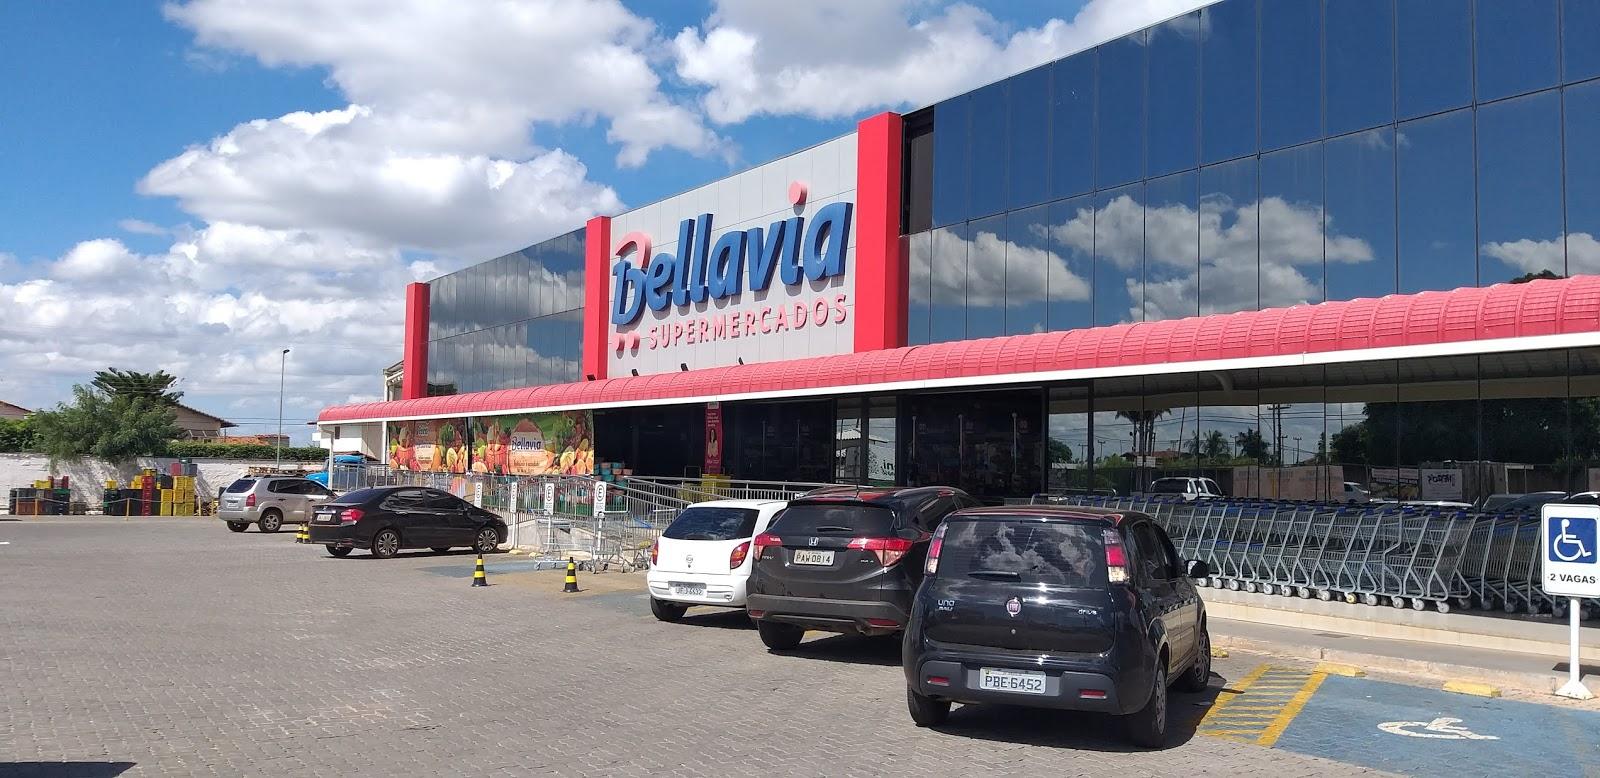 20190520 130015 - Qual é o supermercado mais barato do Jardim Botânico e São Sebastiao DF?  O Jornal Mangueiral pesquisou!